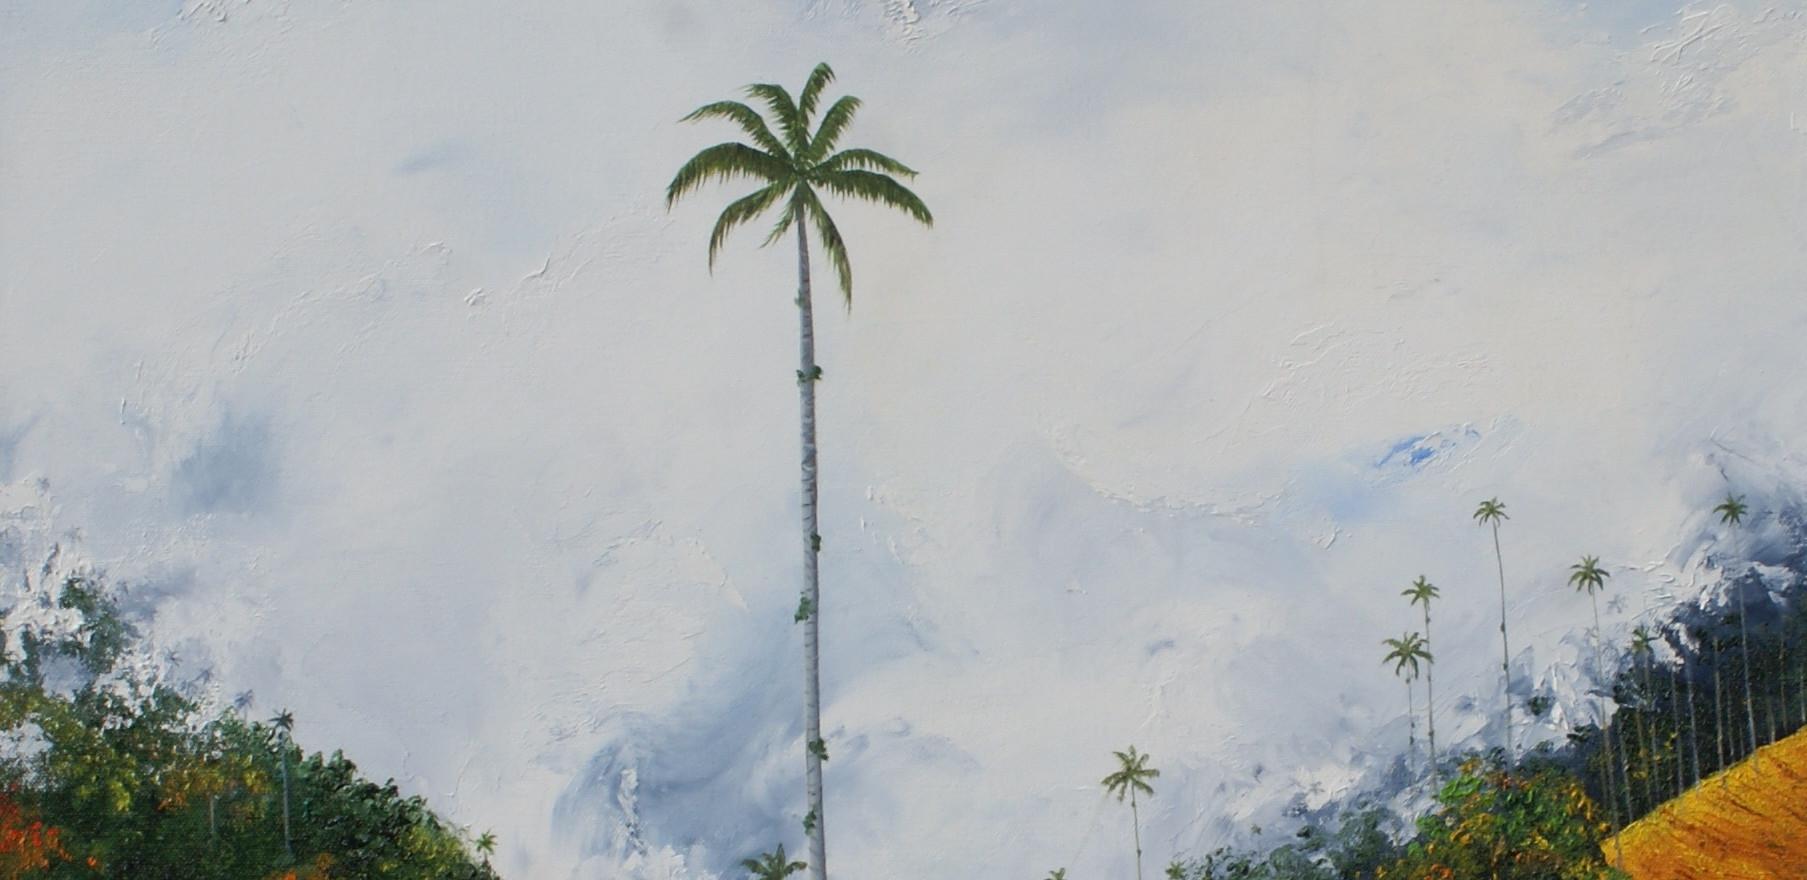 Sobreviviente: Palma de cera en el bosque de niebla